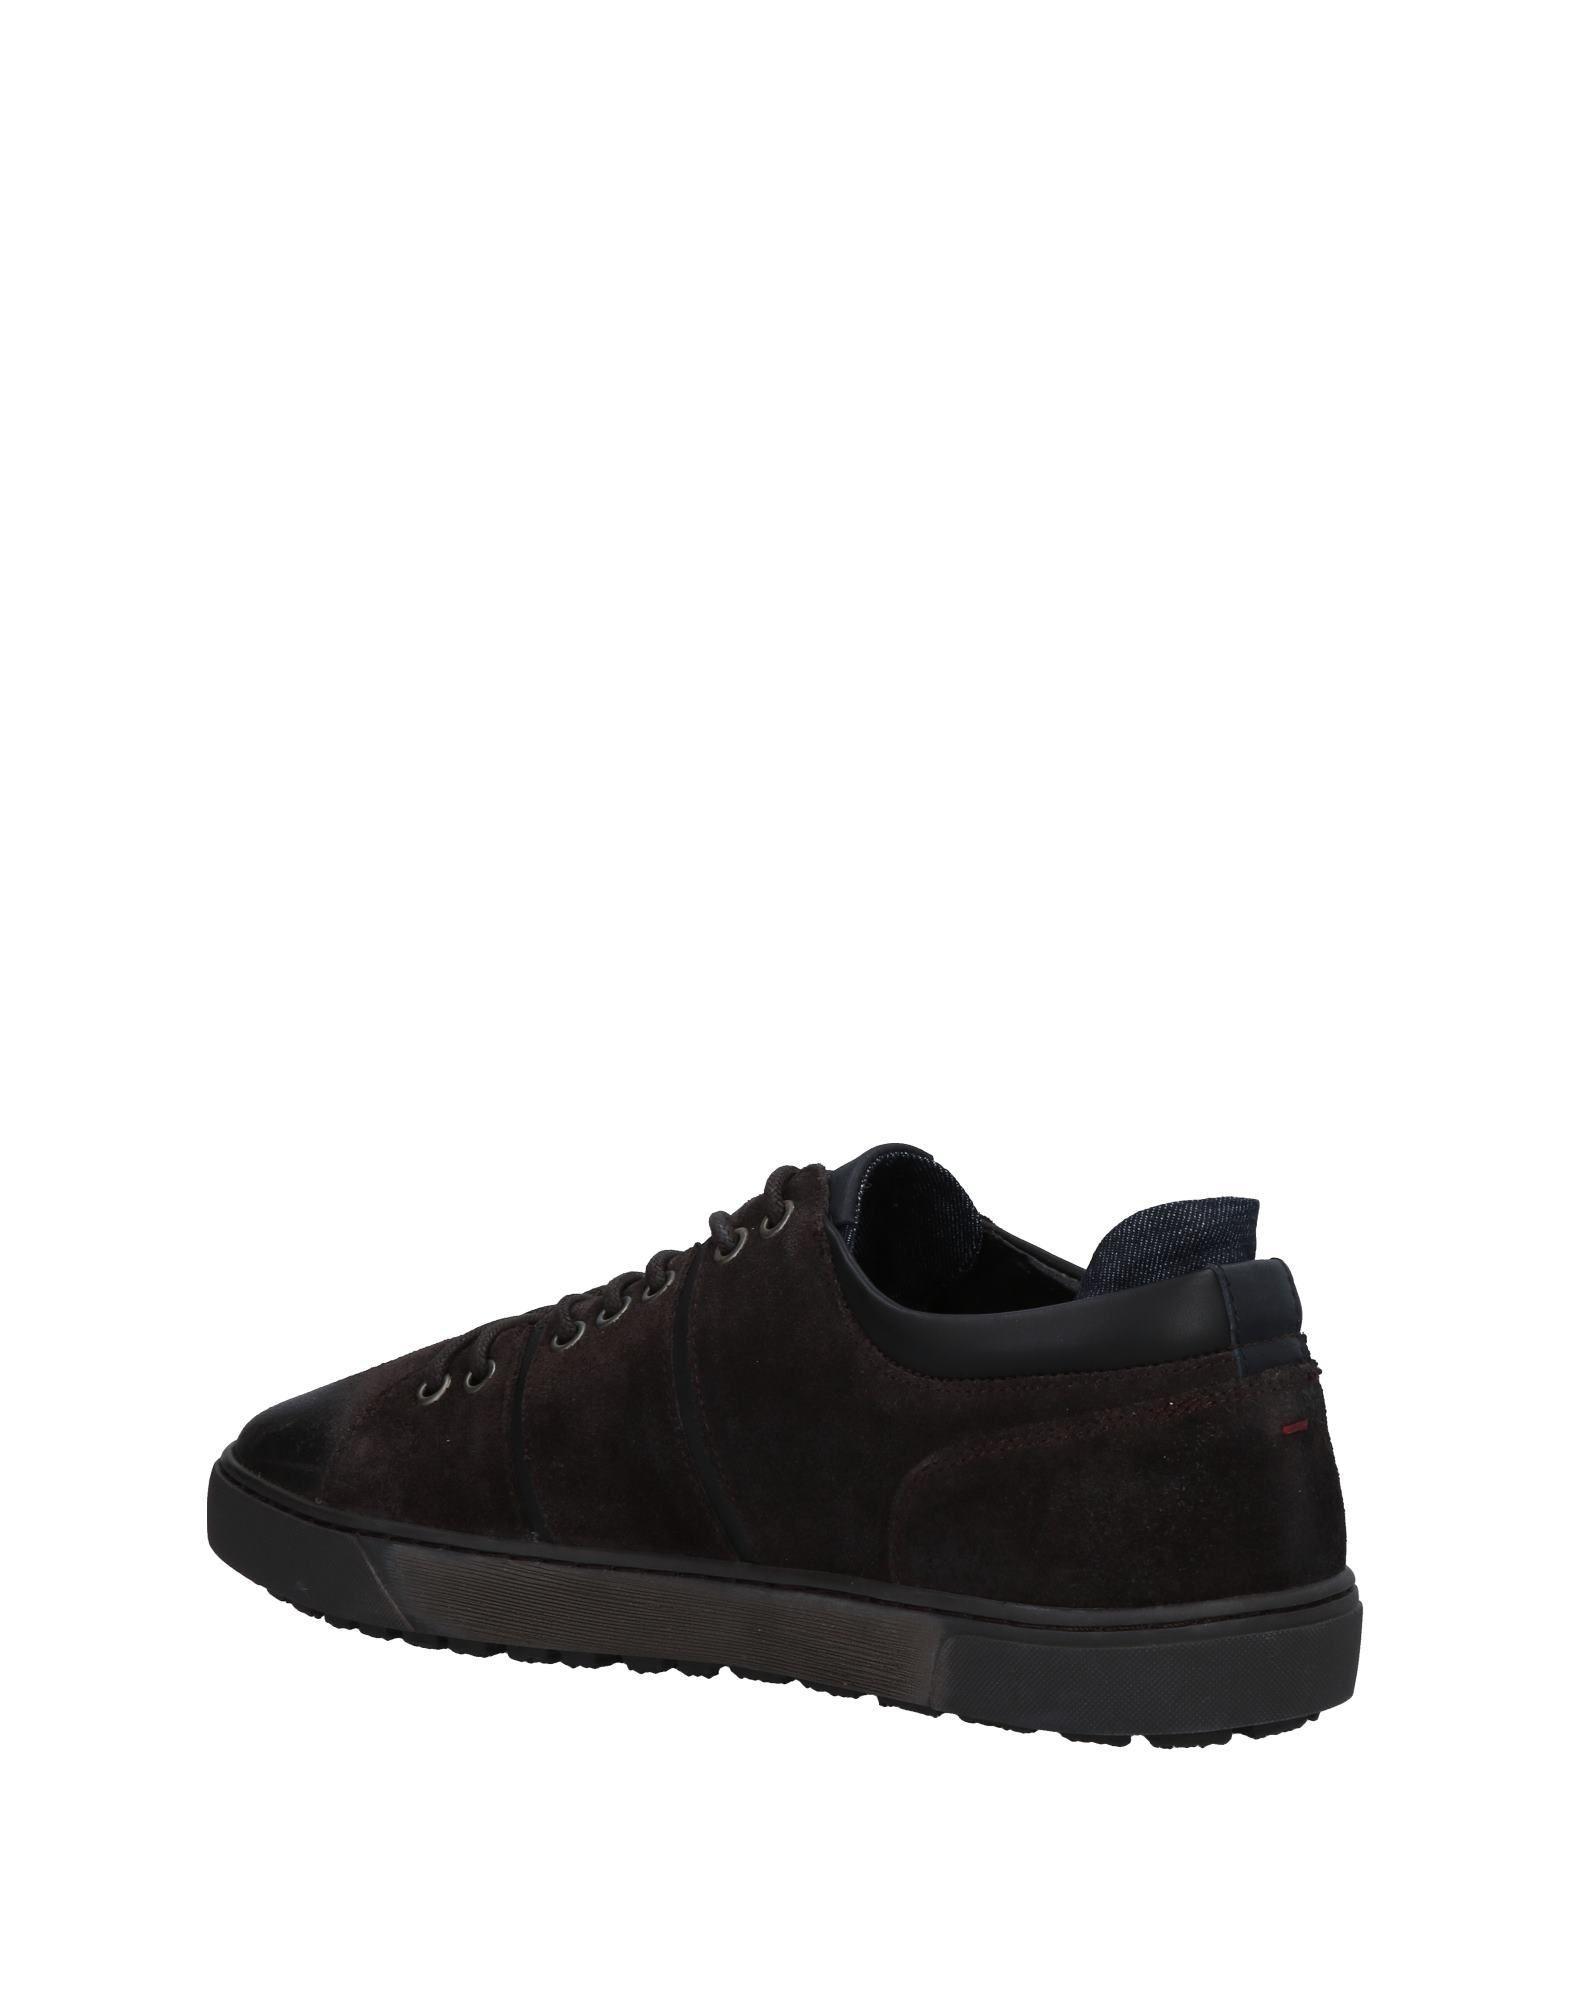 Rabatt Replay echte Schuhe Replay Rabatt Sneakers Herren  11493079WM 78755e